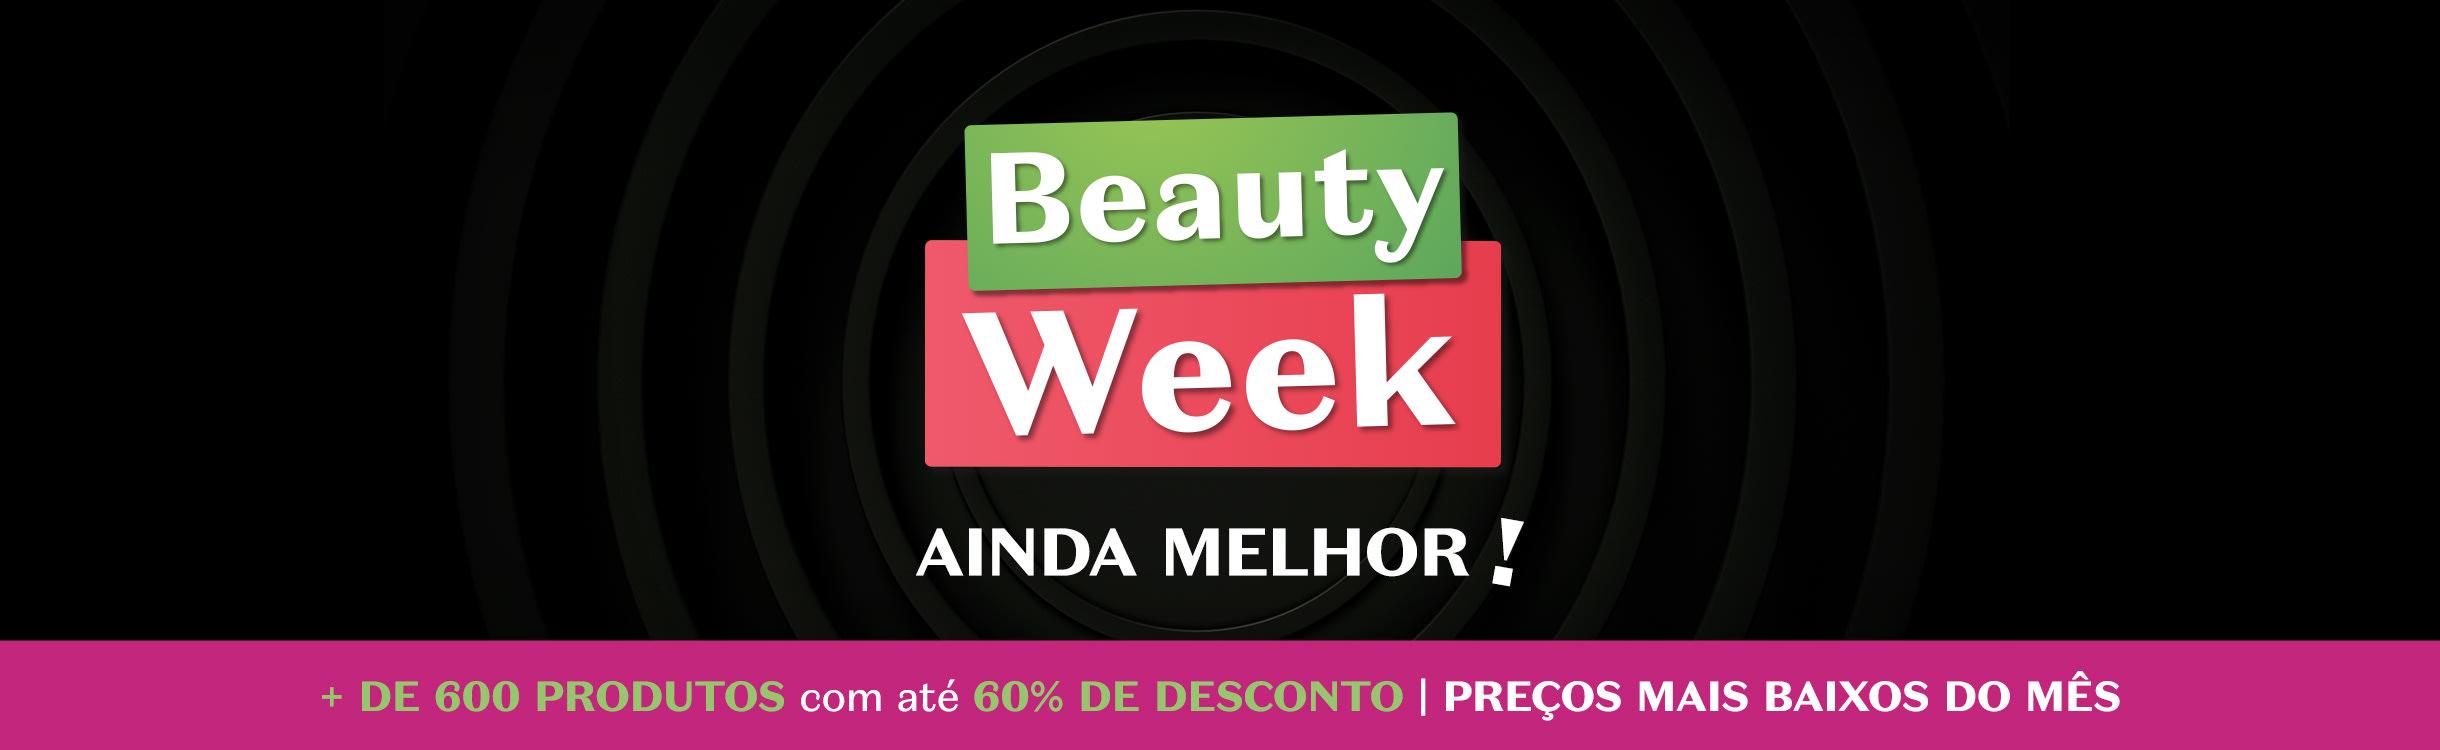 Já começou! Confira itens da Beauty Week de R$50 a R$99,90